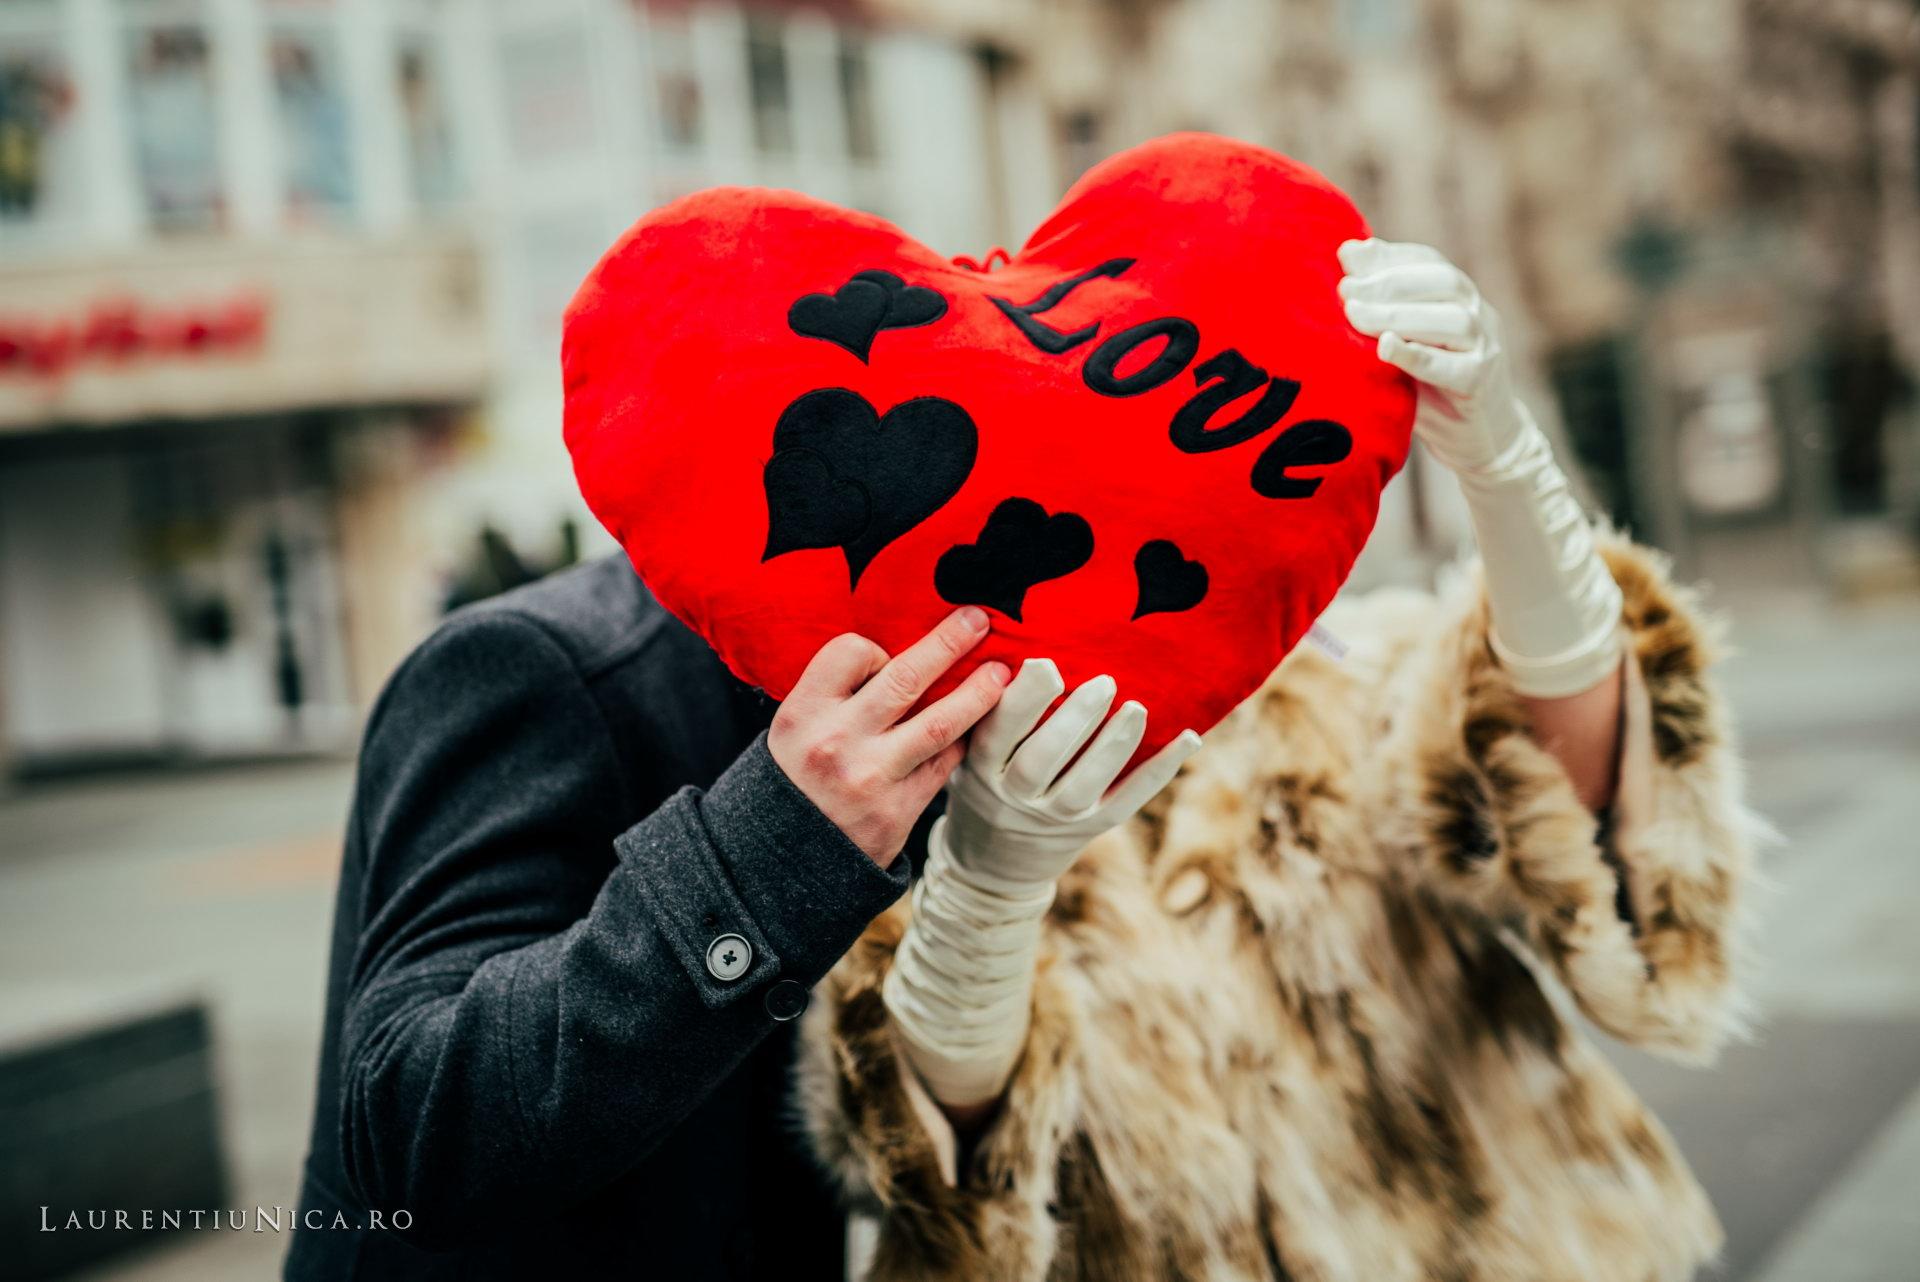 daniela si marius fotografii nunta craiova laurentiu nica33 - Daniela & Marius | Fotografii nunta